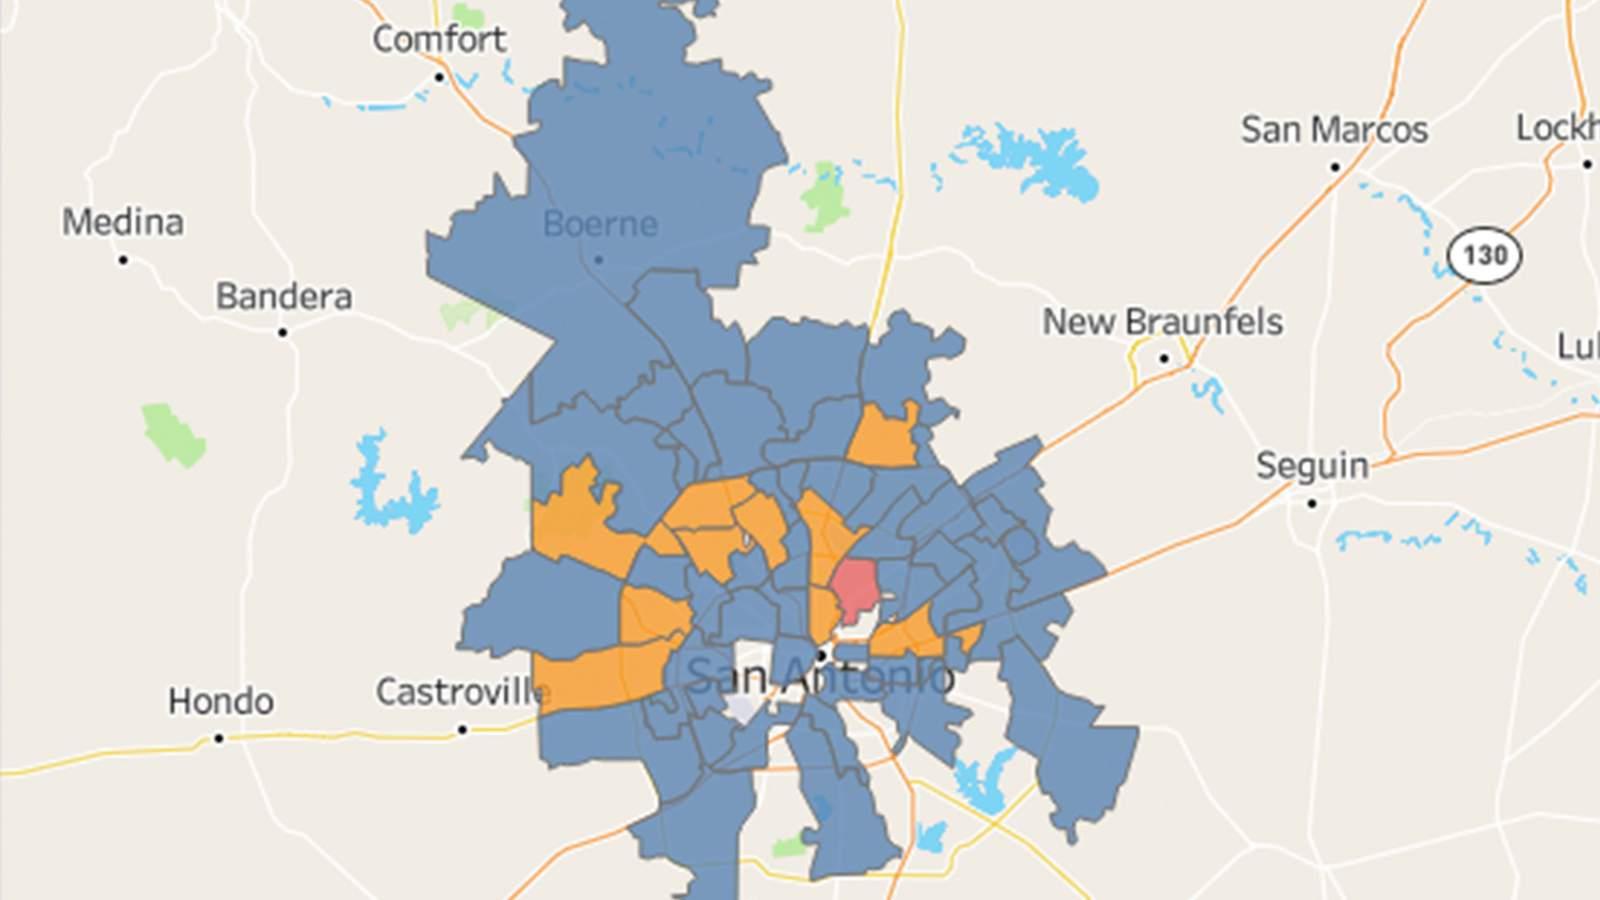 San Antonio Zip Code Map 2020 Map: San Antonio COVID 19 cases by ZIP code: 78209 has most